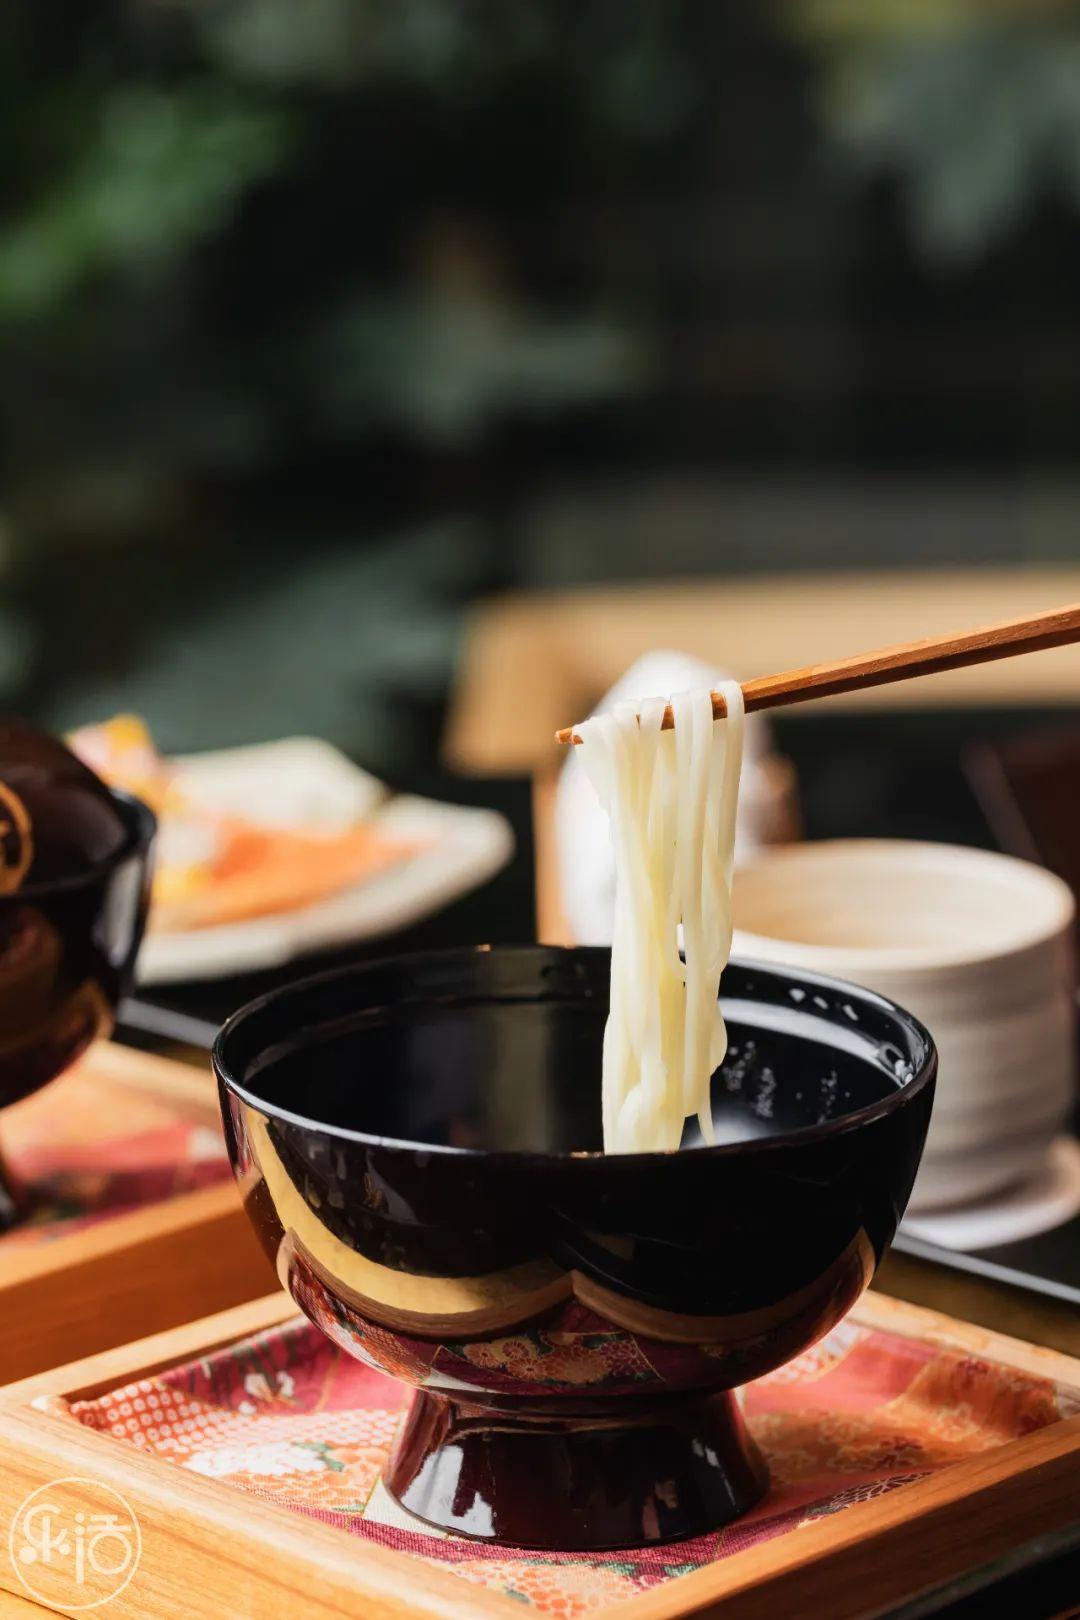 全杭州Zui大的会席料理店来袭!人均600元就能体验到的Top级日料,来自日本饮食文化的上等名流之选!(图35)